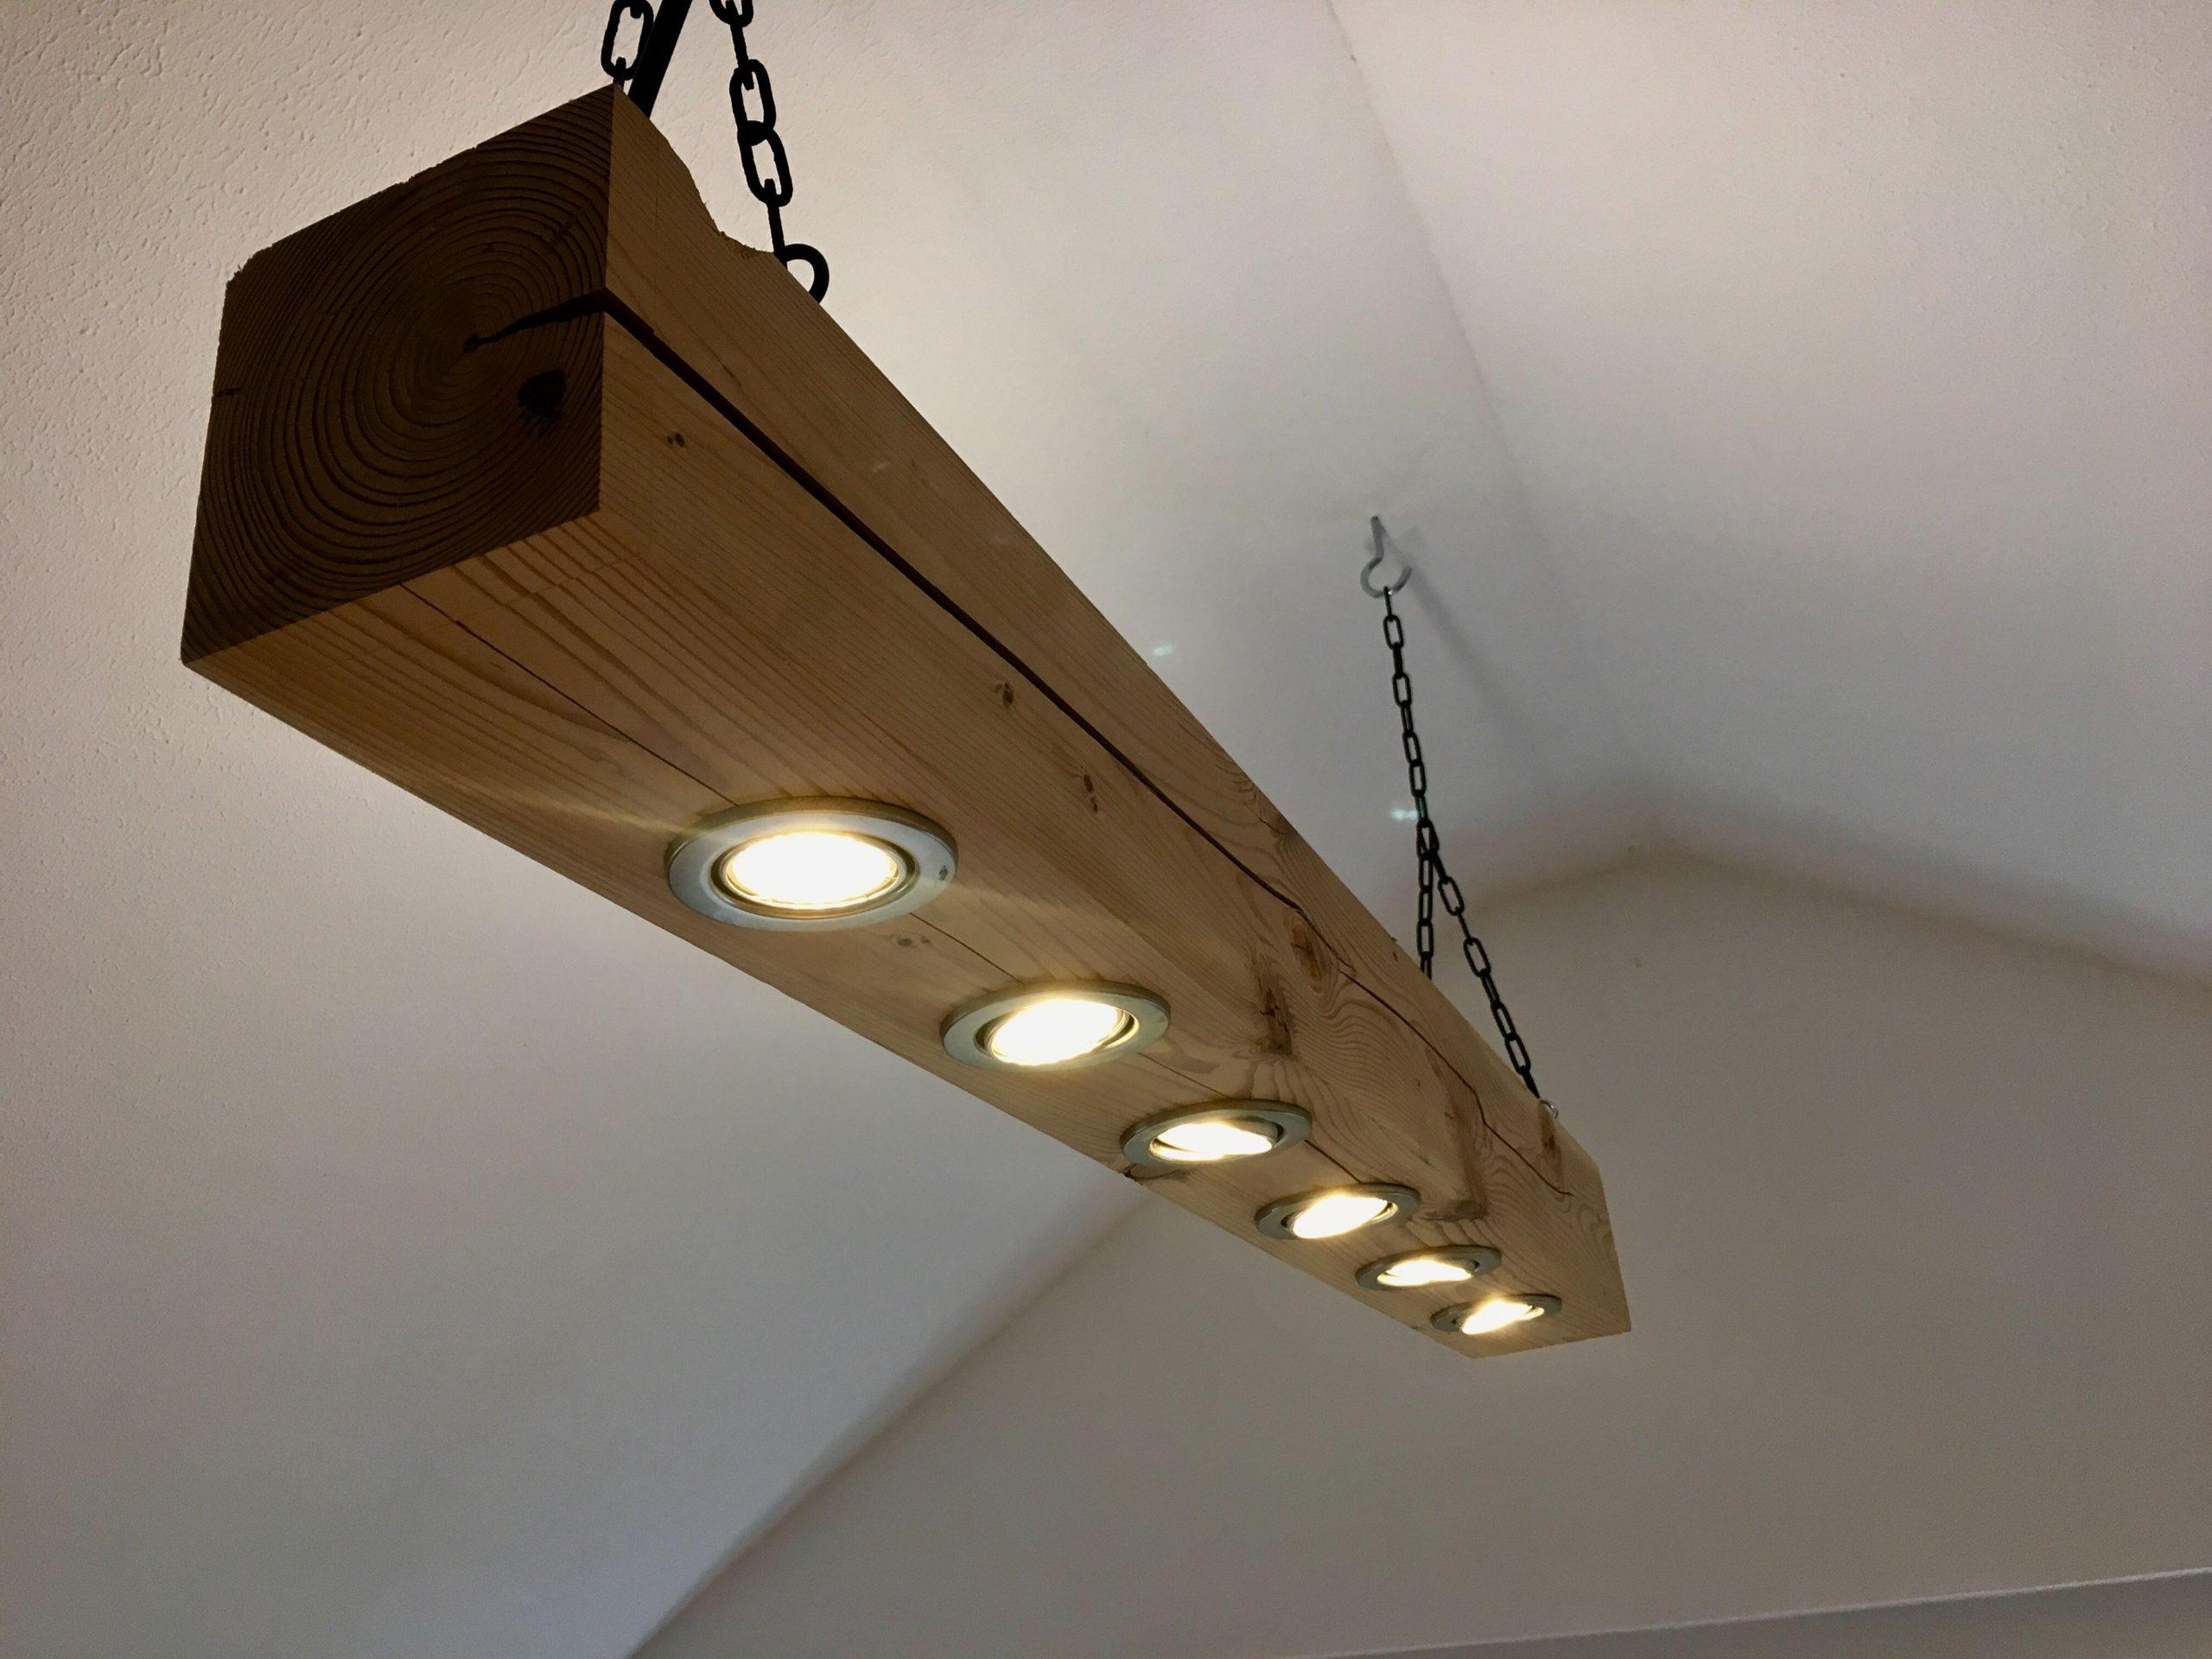 Full Size of Holzlampe Decke Im Bad Deckenleuchte Küche Deckenlampe Esstisch Wohnzimmer Deckenleuchten Led Badezimmer Decken Schlafzimmer Modern Deckenlampen Tagesdecken Wohnzimmer Holzlampe Decke